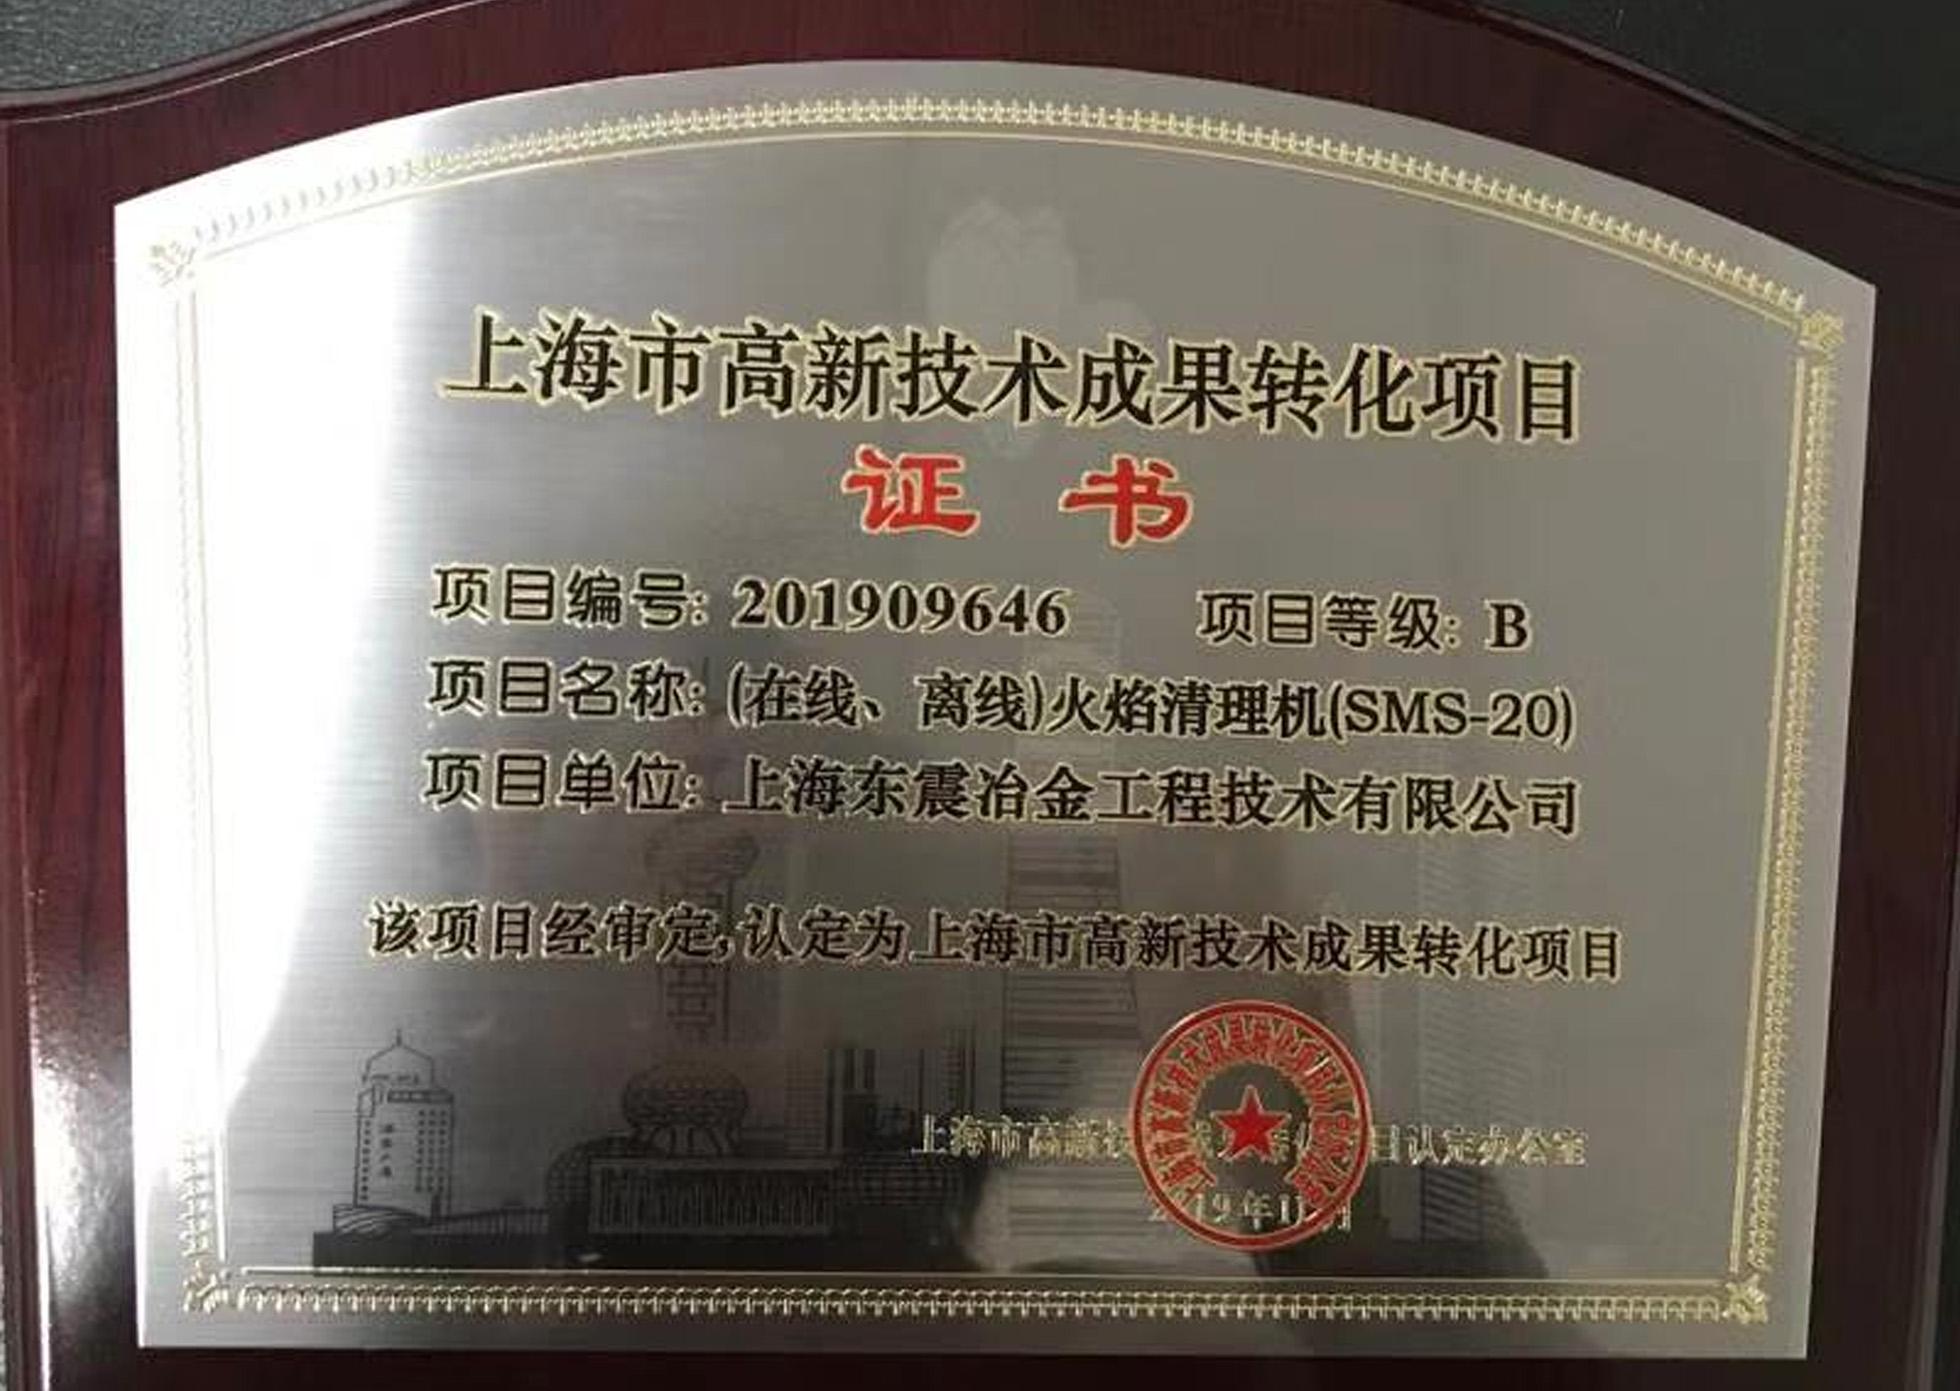 上海高校技术成果转化项目